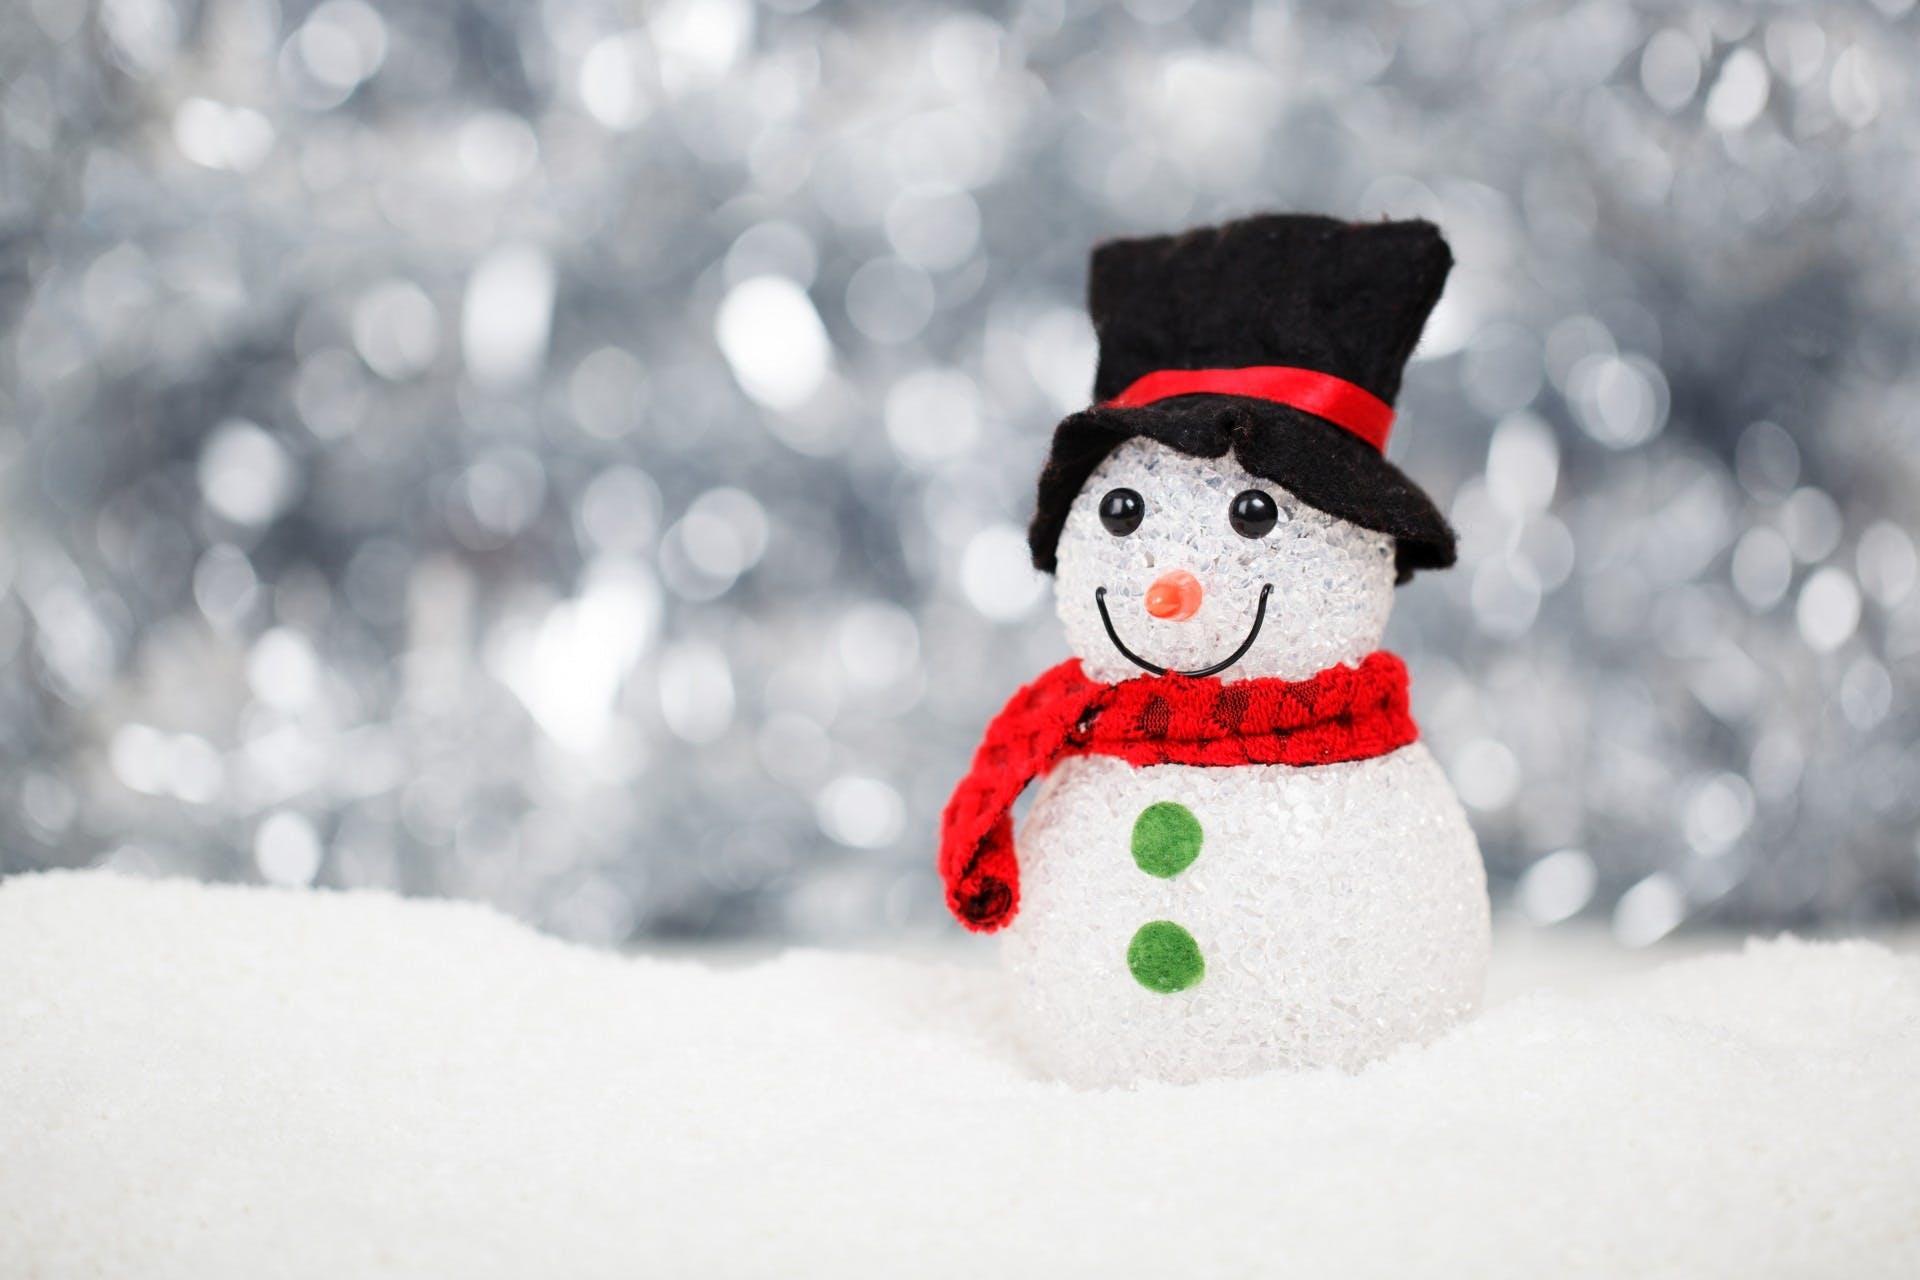 Kostenloses Stock Foto zu niedlich, weihnachten, makro, ornament